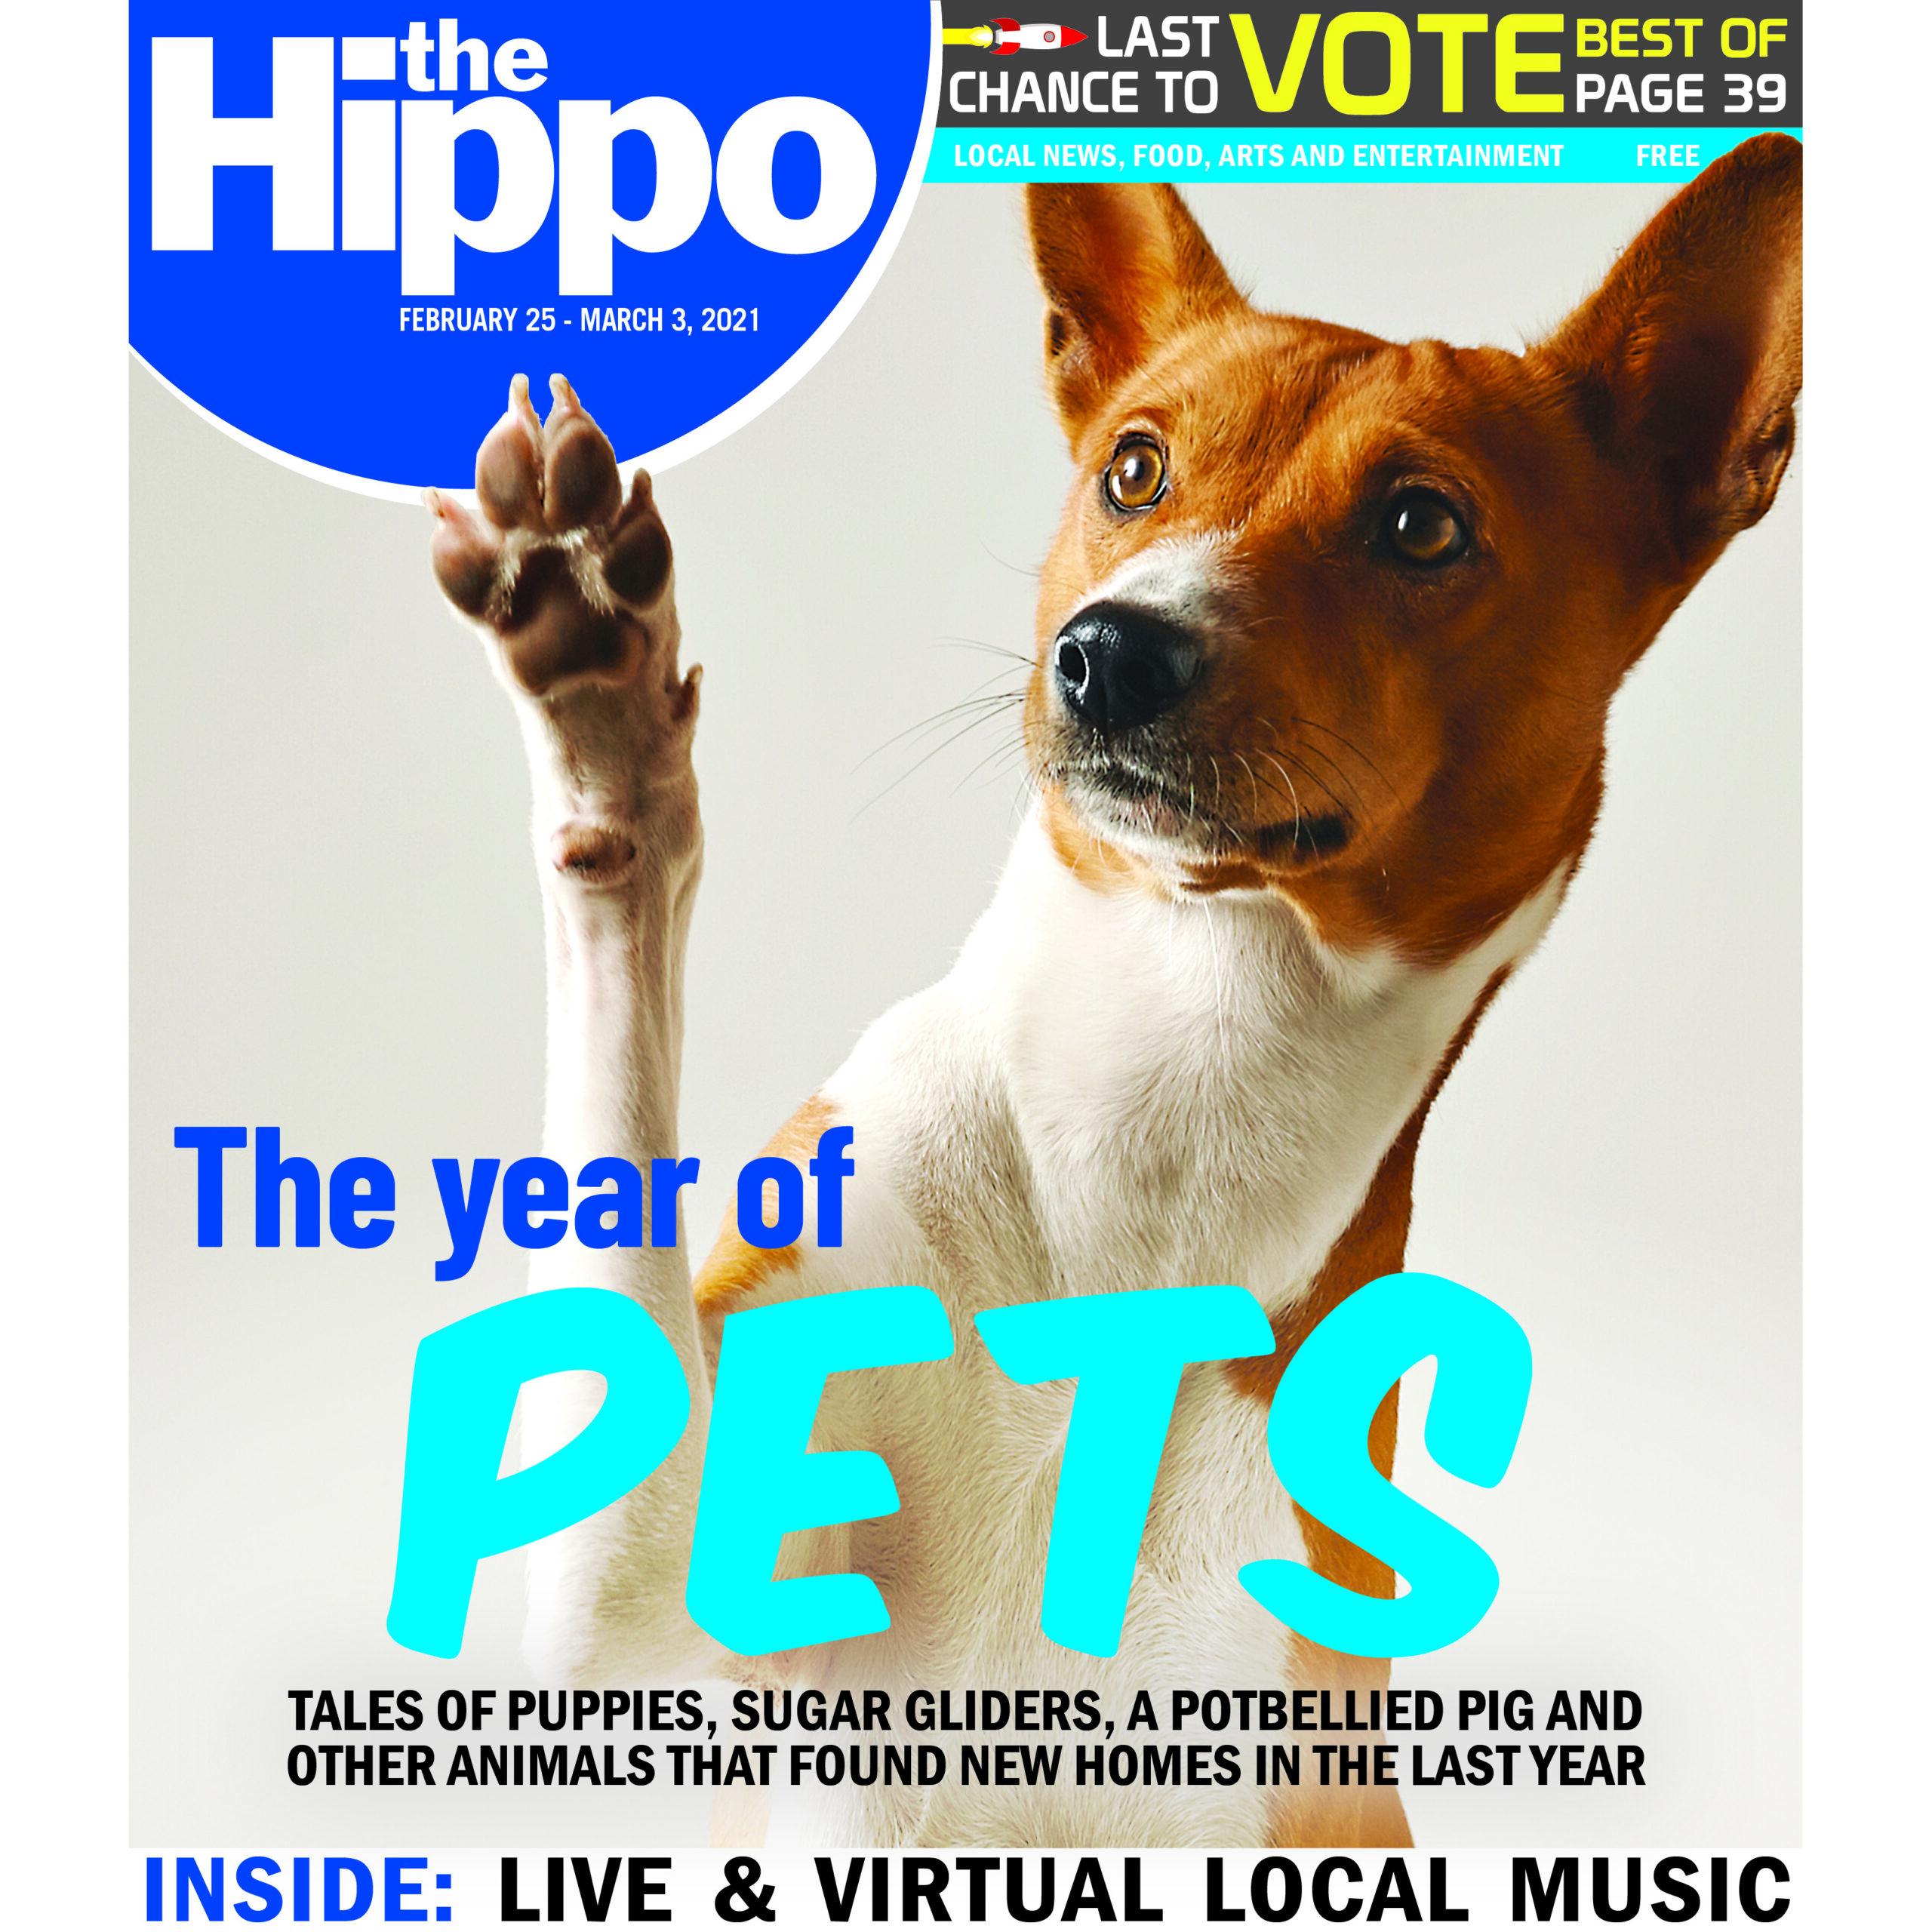 Dog on magazine cover